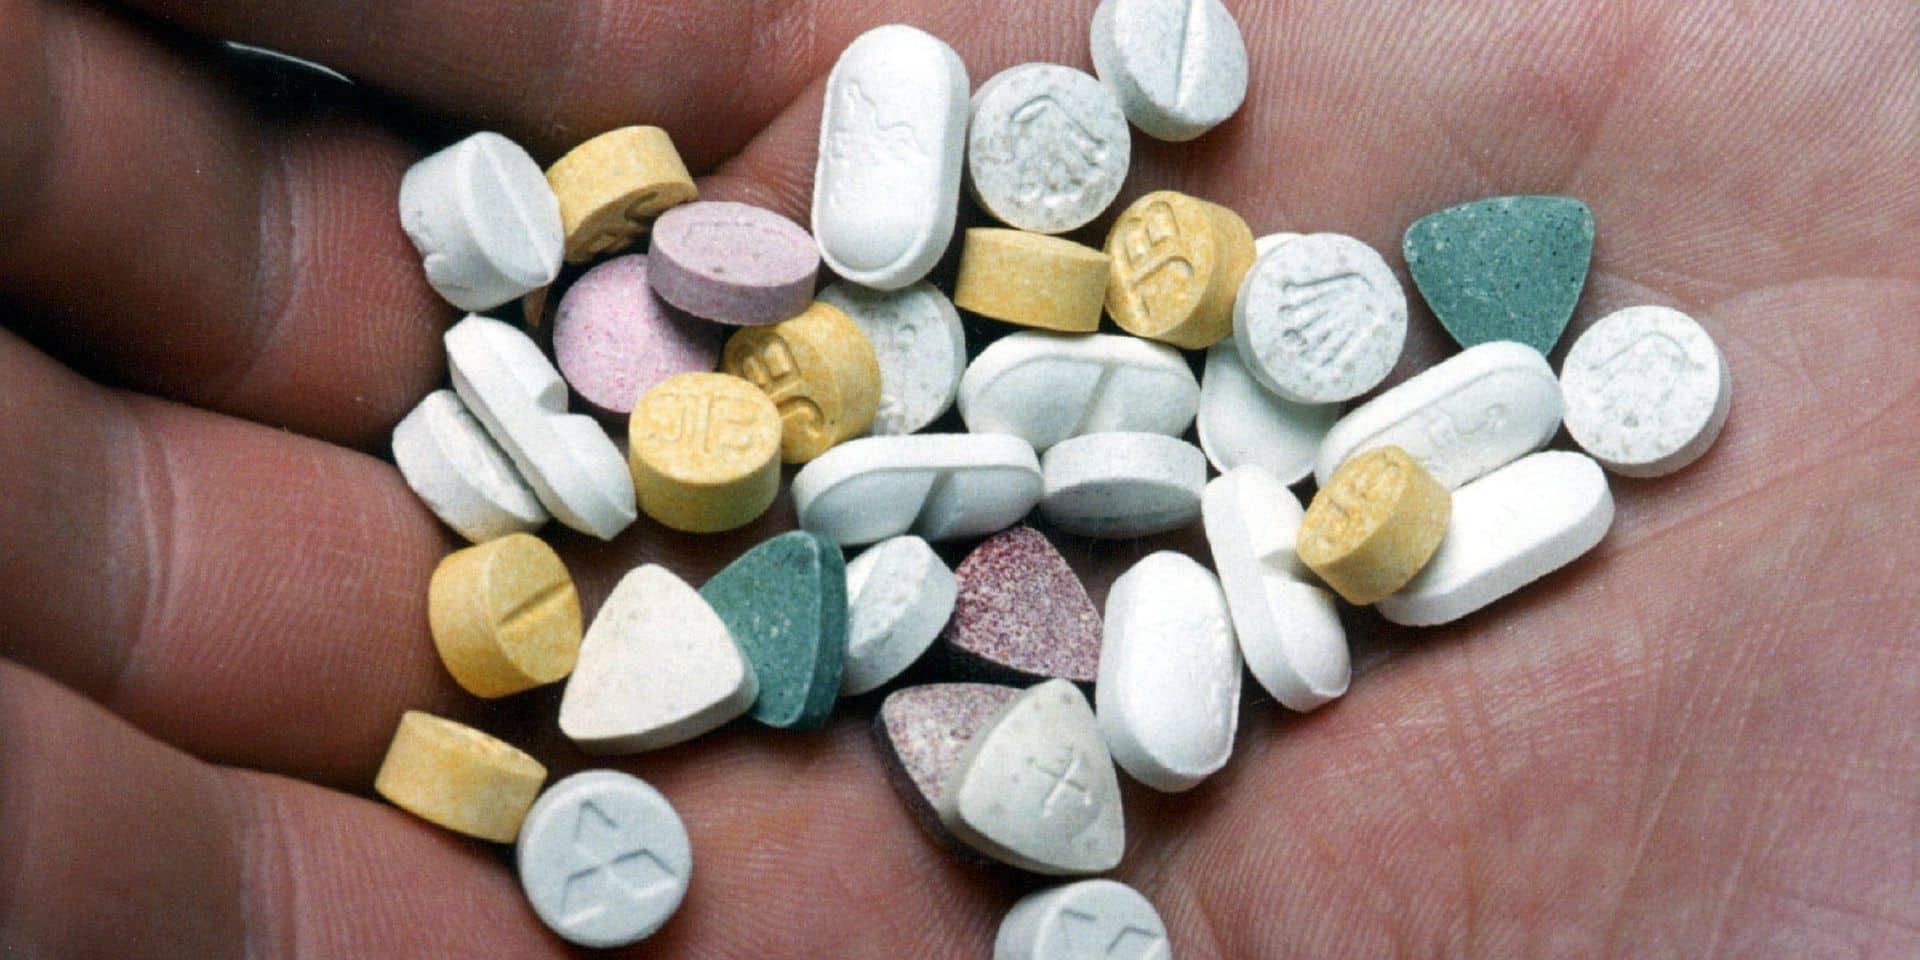 Drogues légales et illégales : une grande enquête a été lancée pour mieux comprendre les pratiques et les besoins des usagers